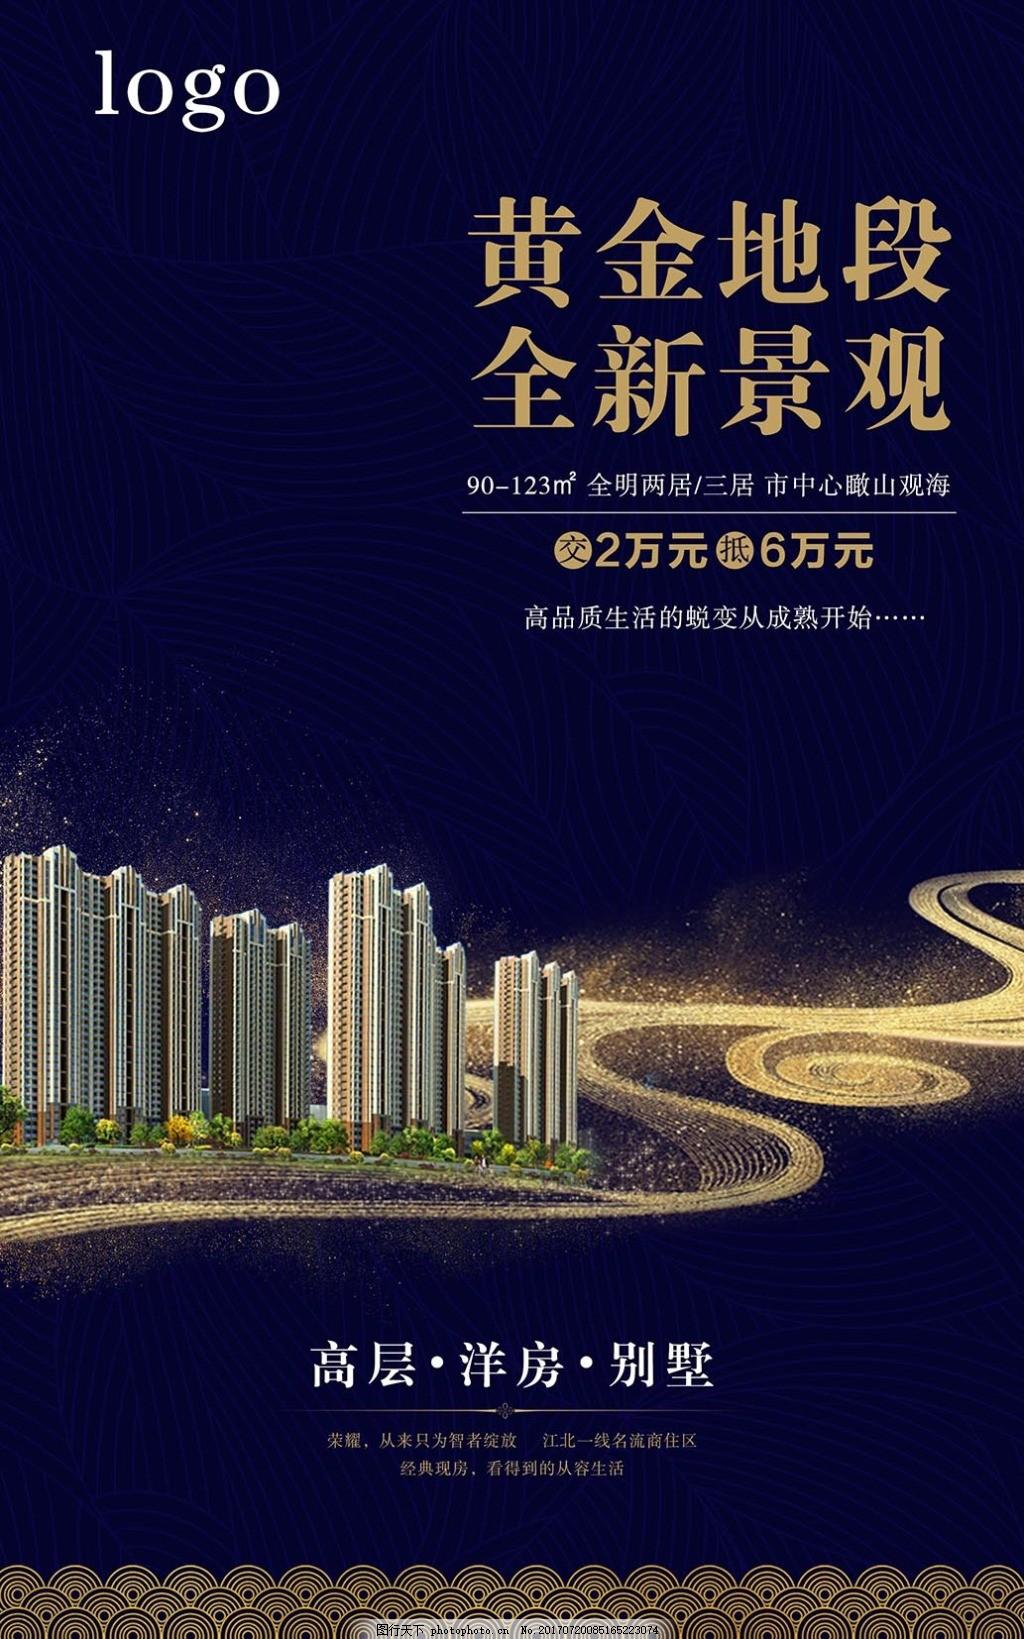 房地产广告黄金地段 地产单页 全新景观 高楼 建筑 金色沙子 金色飘带